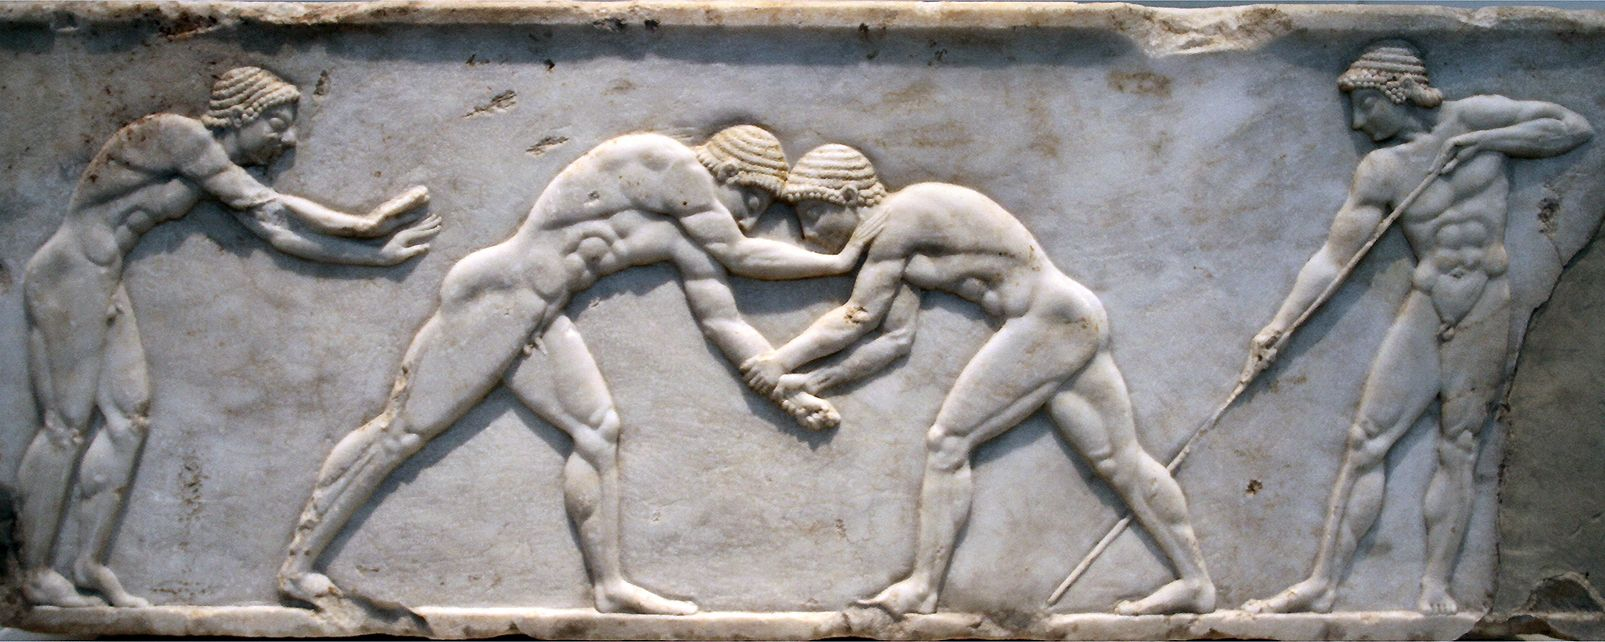 Il museo archeologico nazionale , Grecia